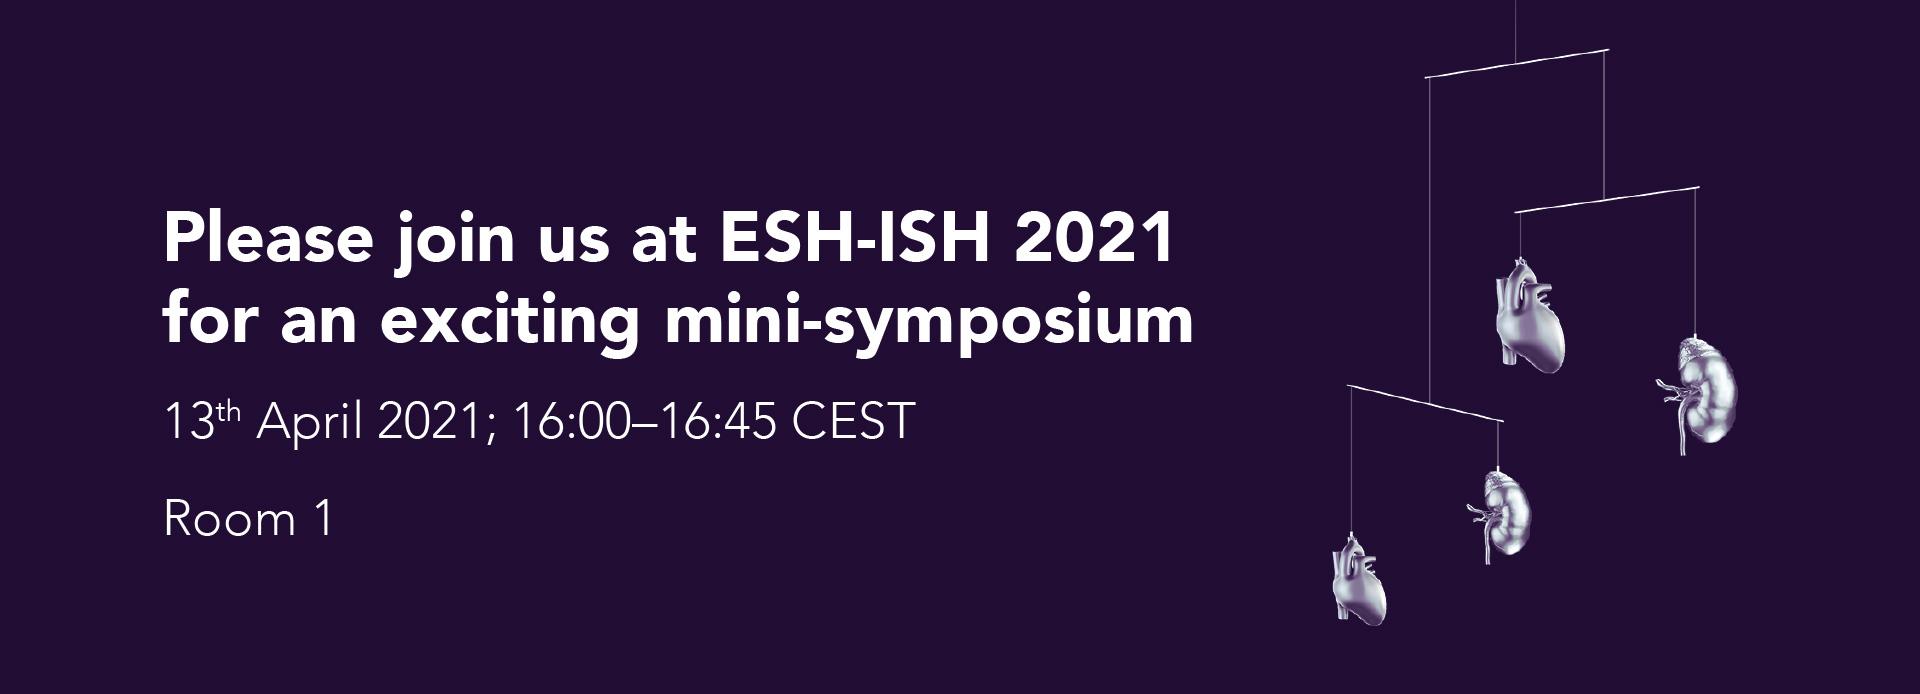 ESH-ISH 2021 - exciting mini-symposium | April 13, 2021